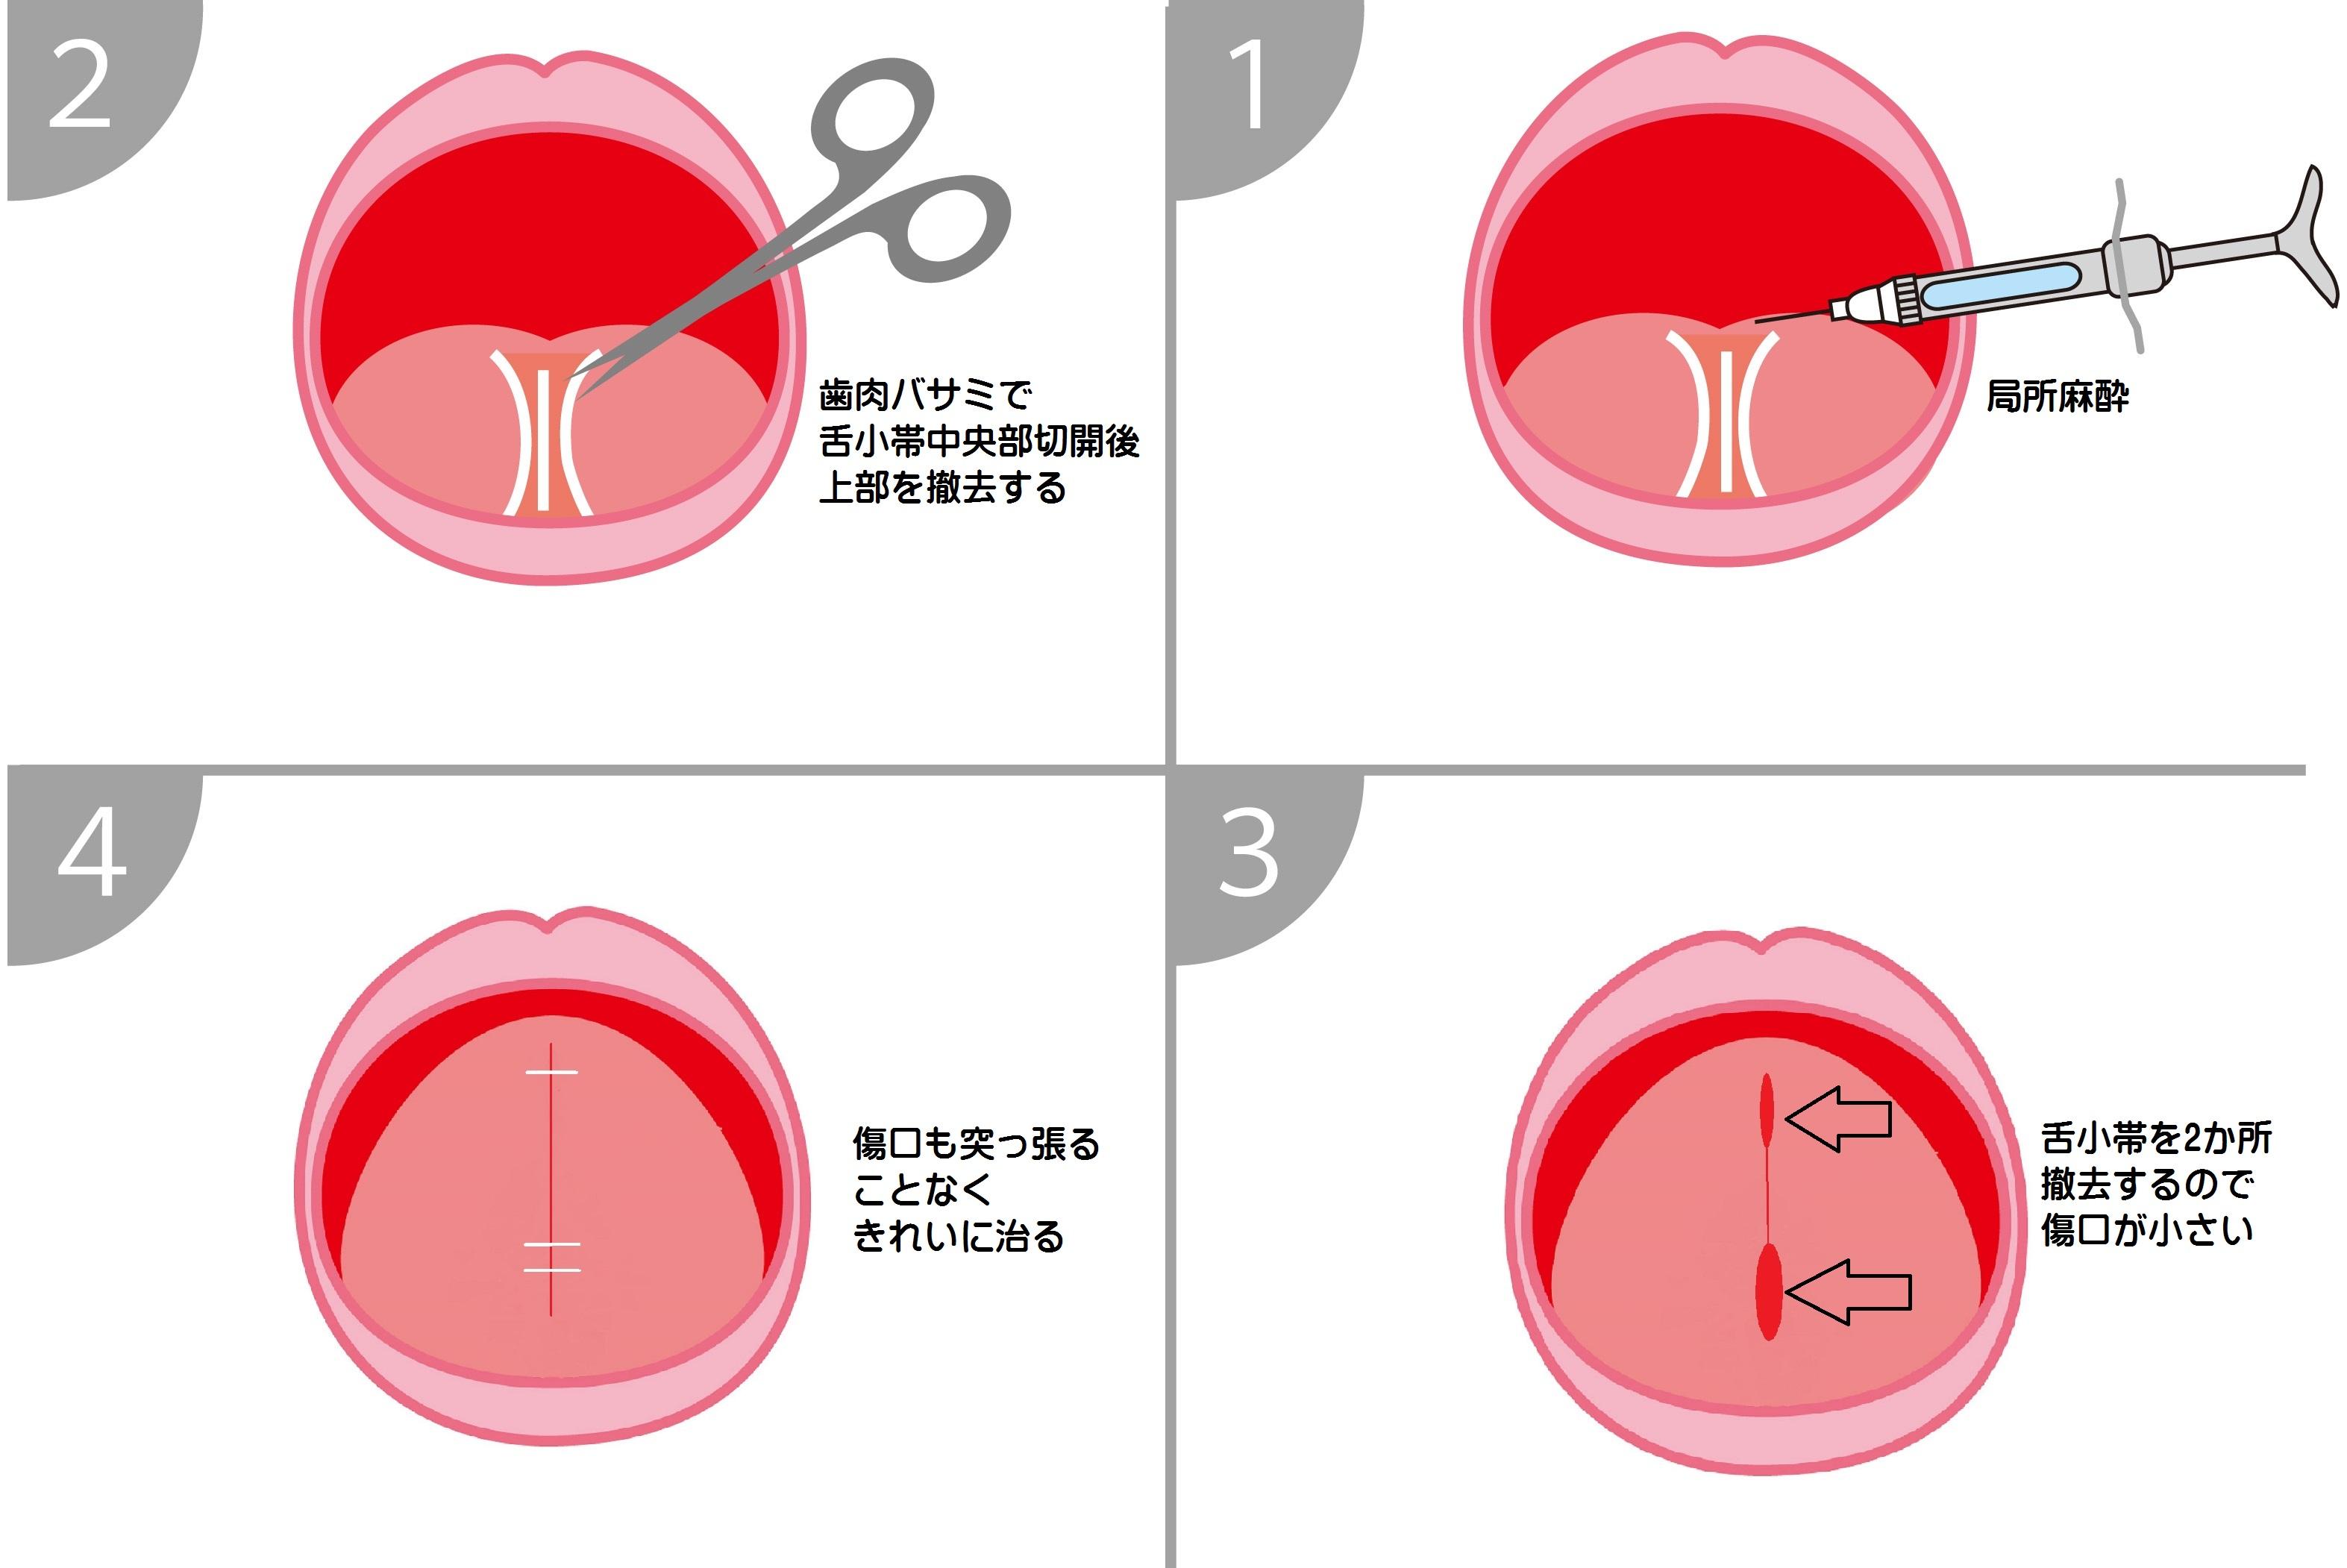 舌小帯短縮症手術・平成31年3月24日無事終了